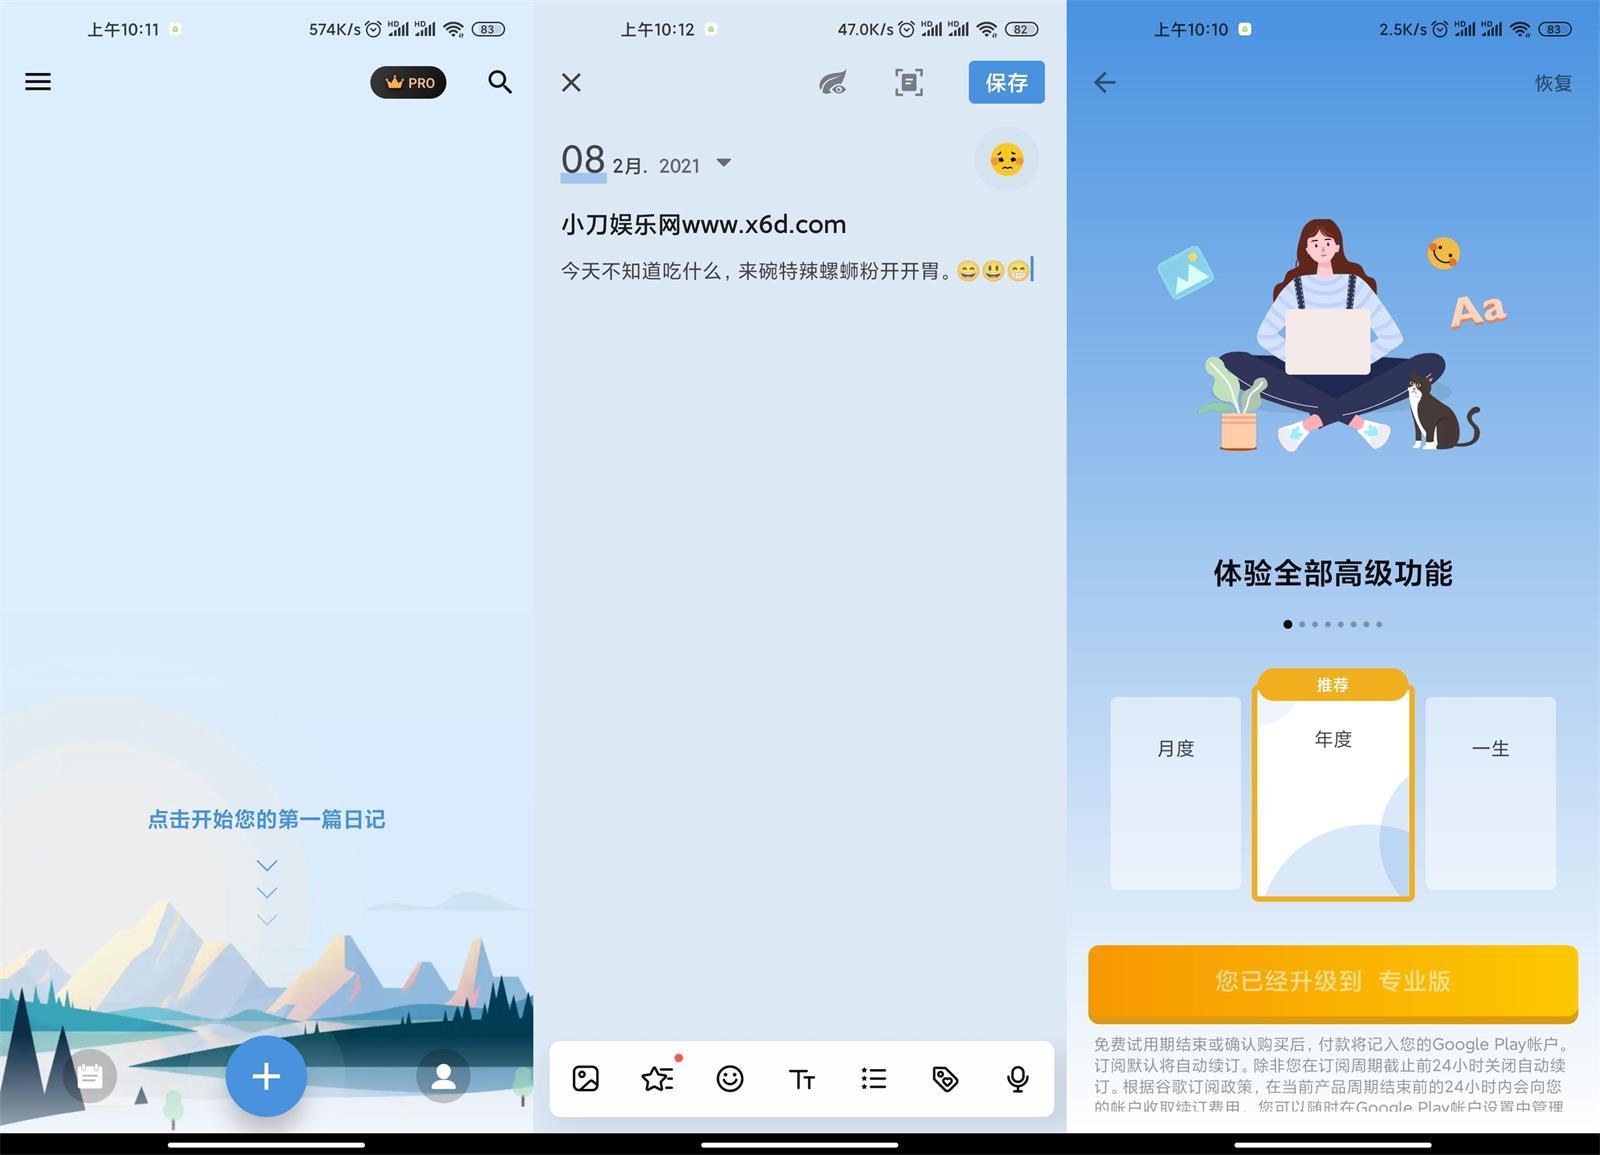 安卓My Diary v1.02.11专业版-云奇网